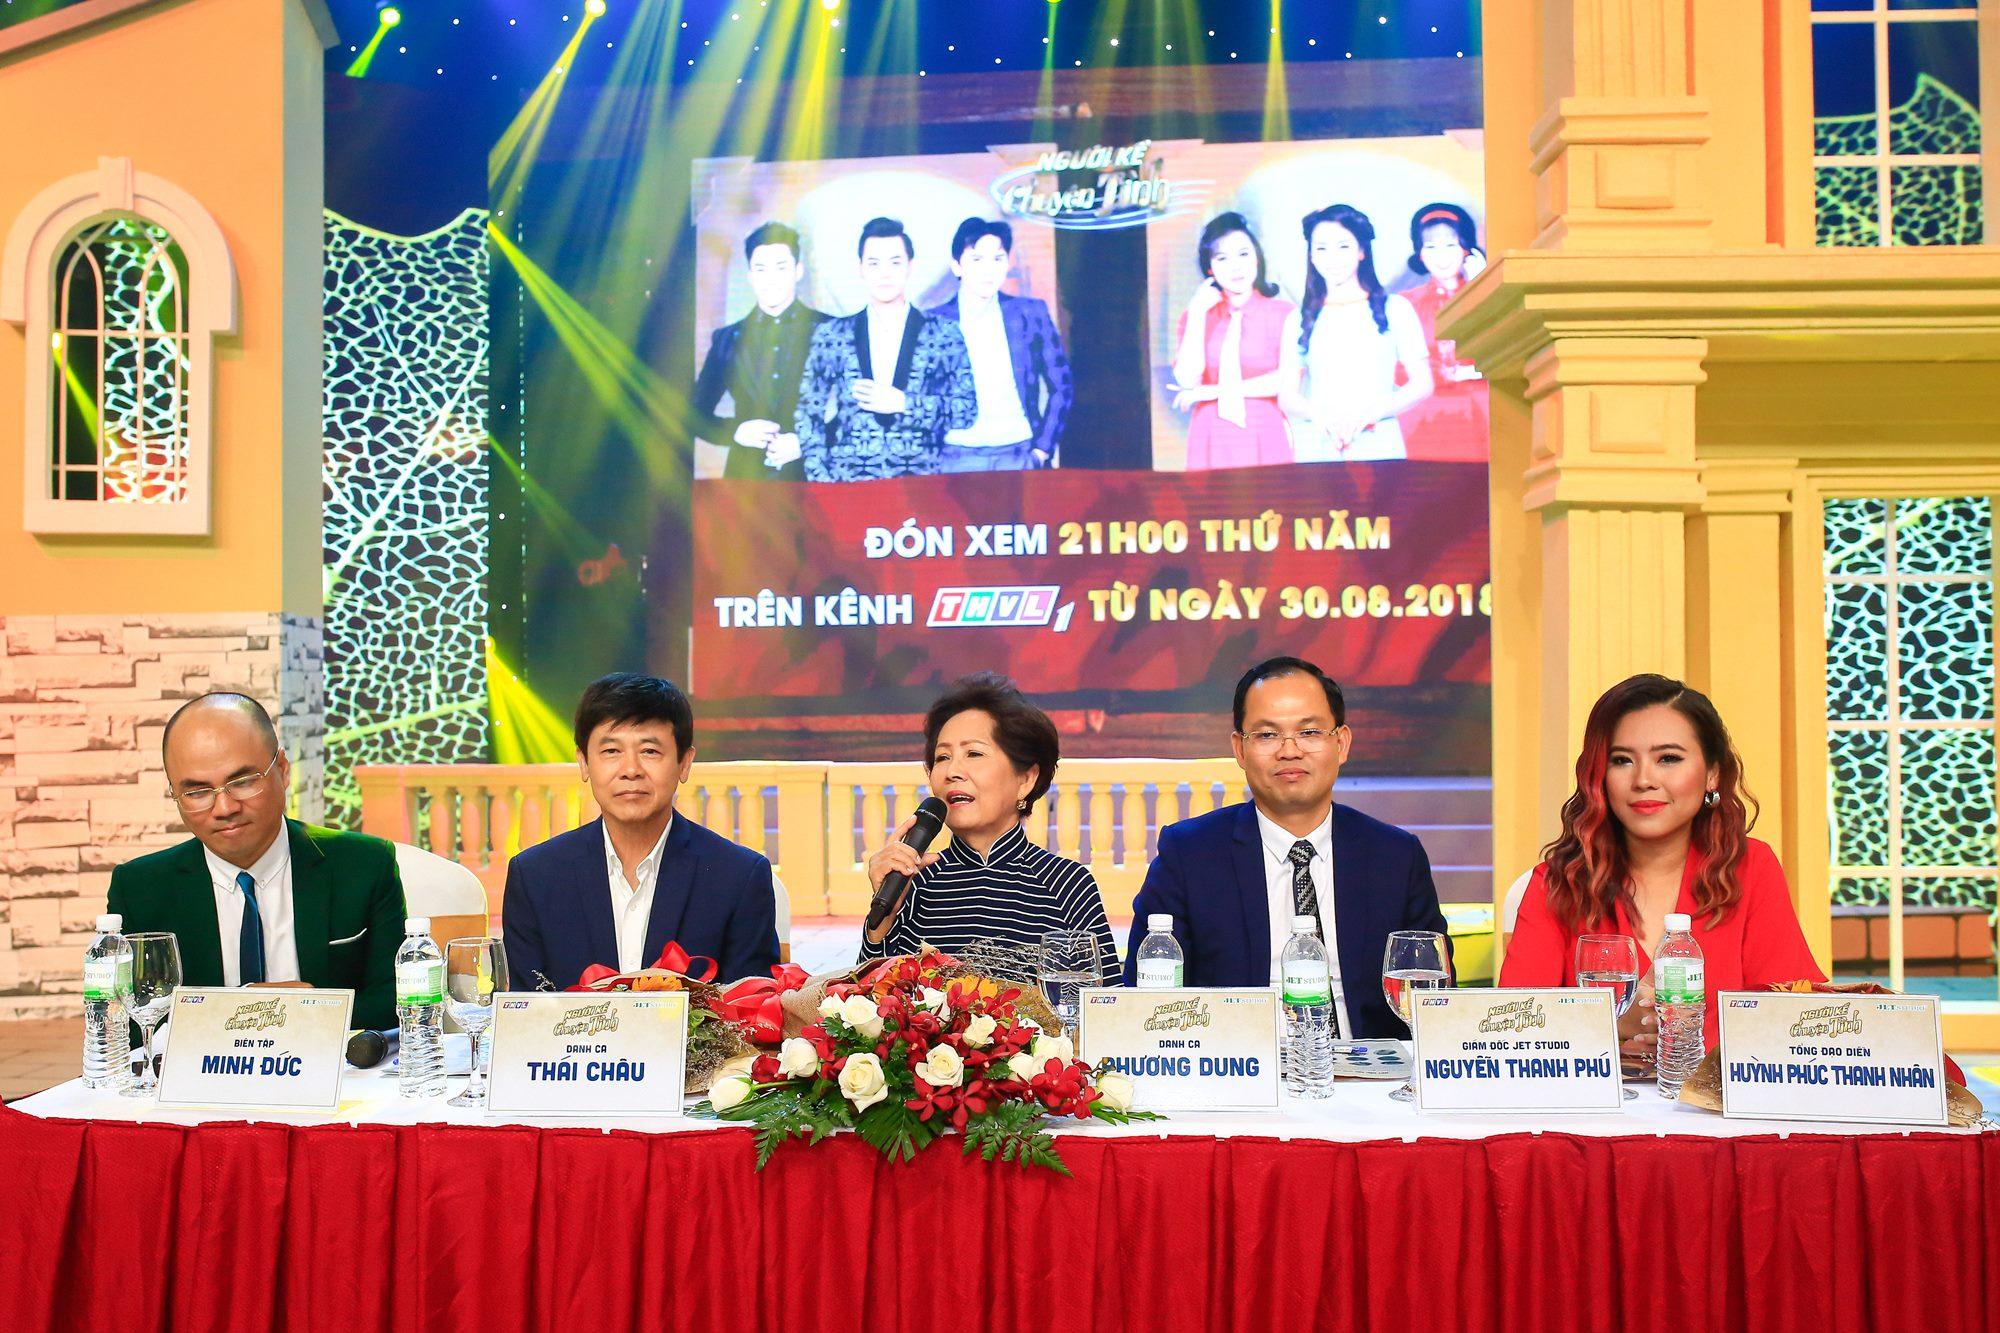 Quang canh Hop bao NKCT (11)